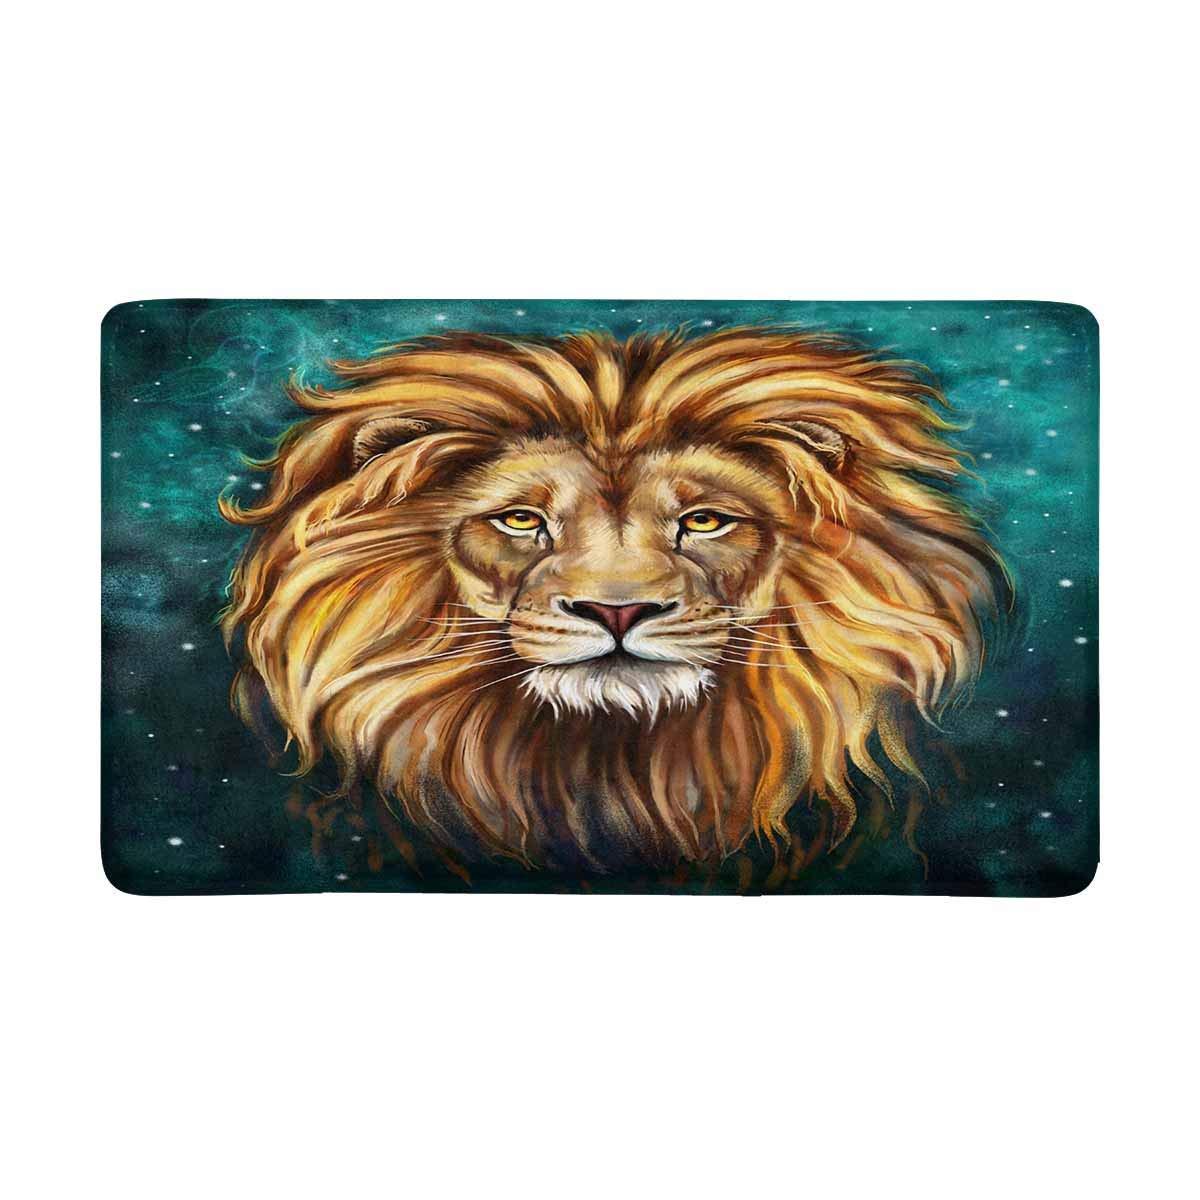 Leão aslan tapete de porta antiderrapante decoração de casa entrada capacho apoio de borracha extra grande